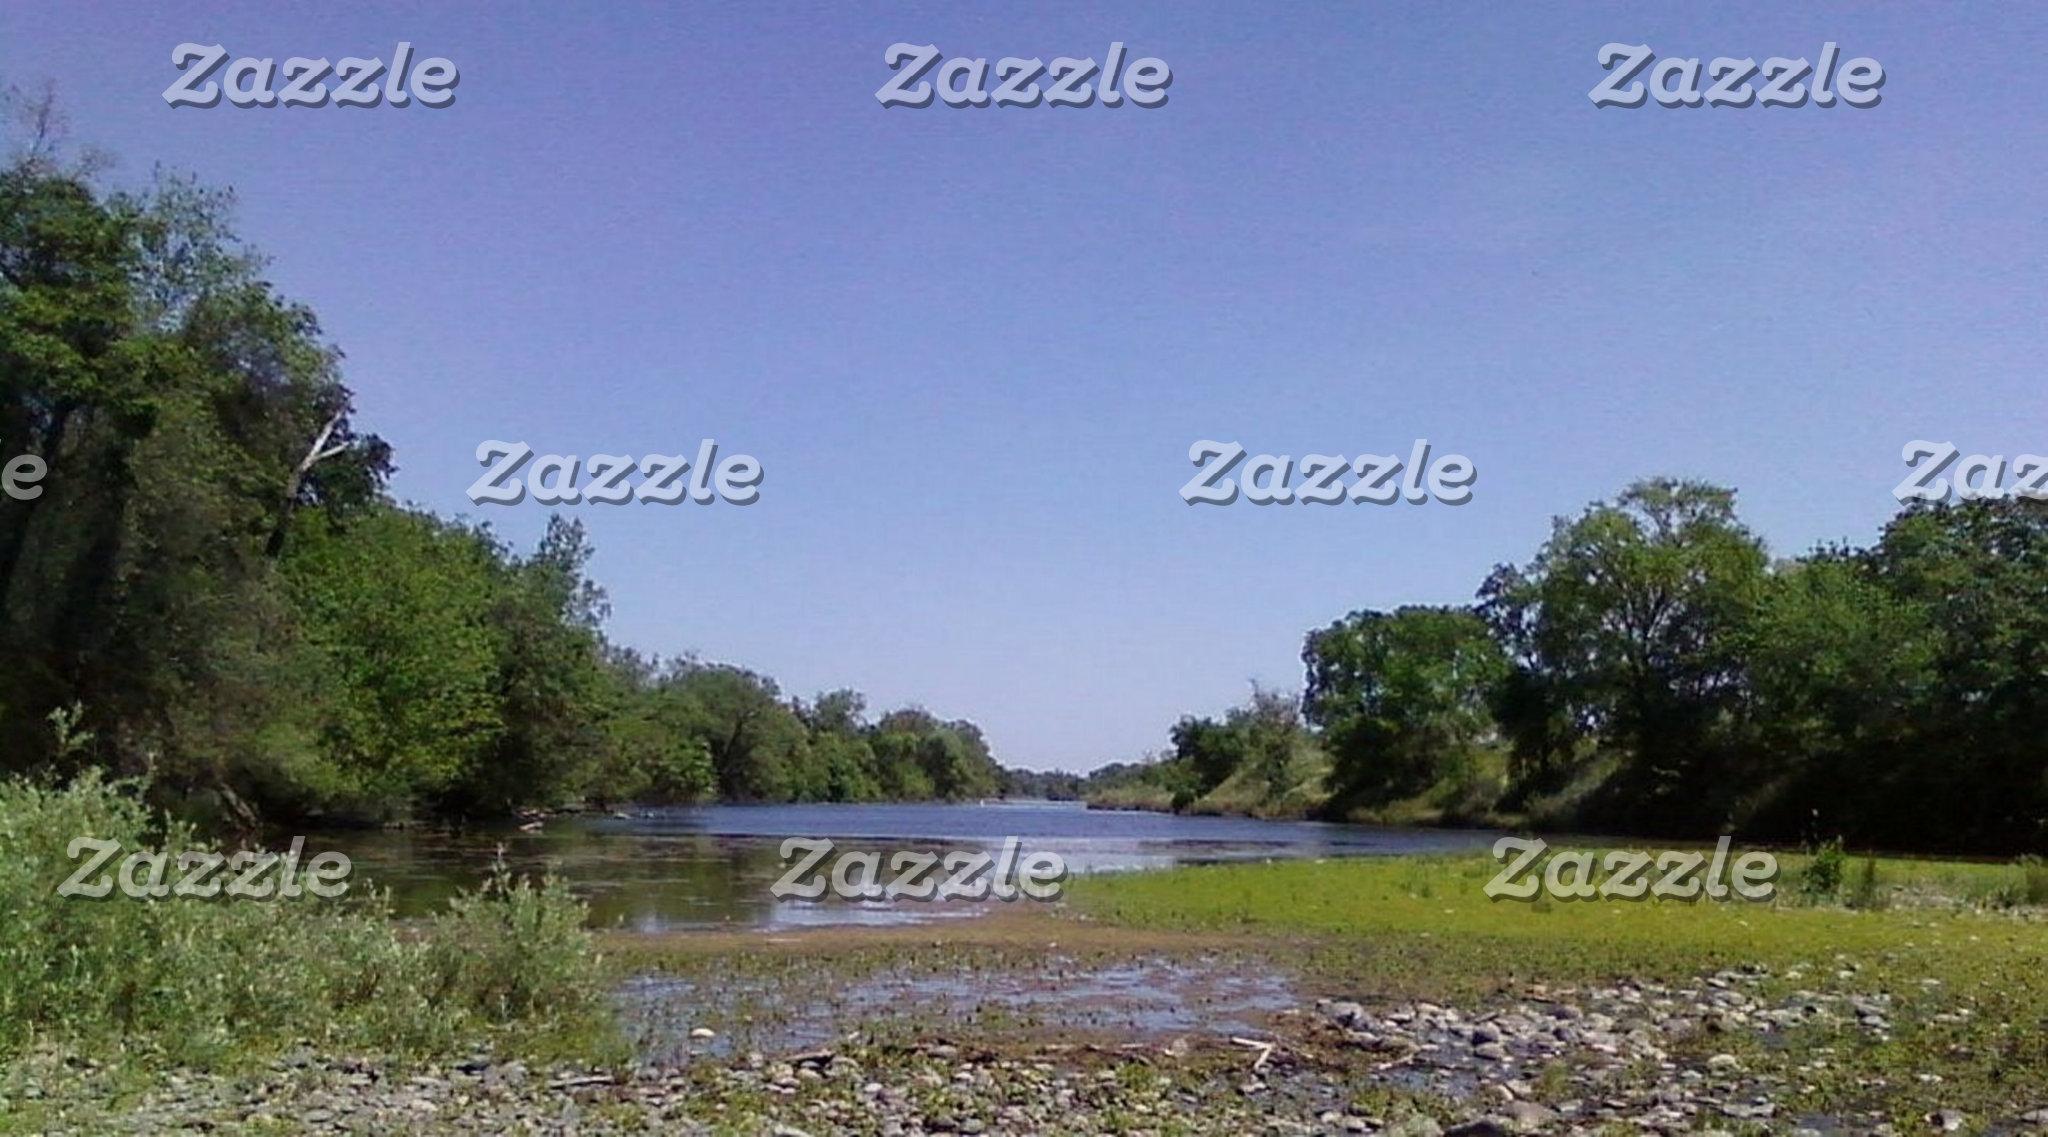 American River in Sacramento, CA